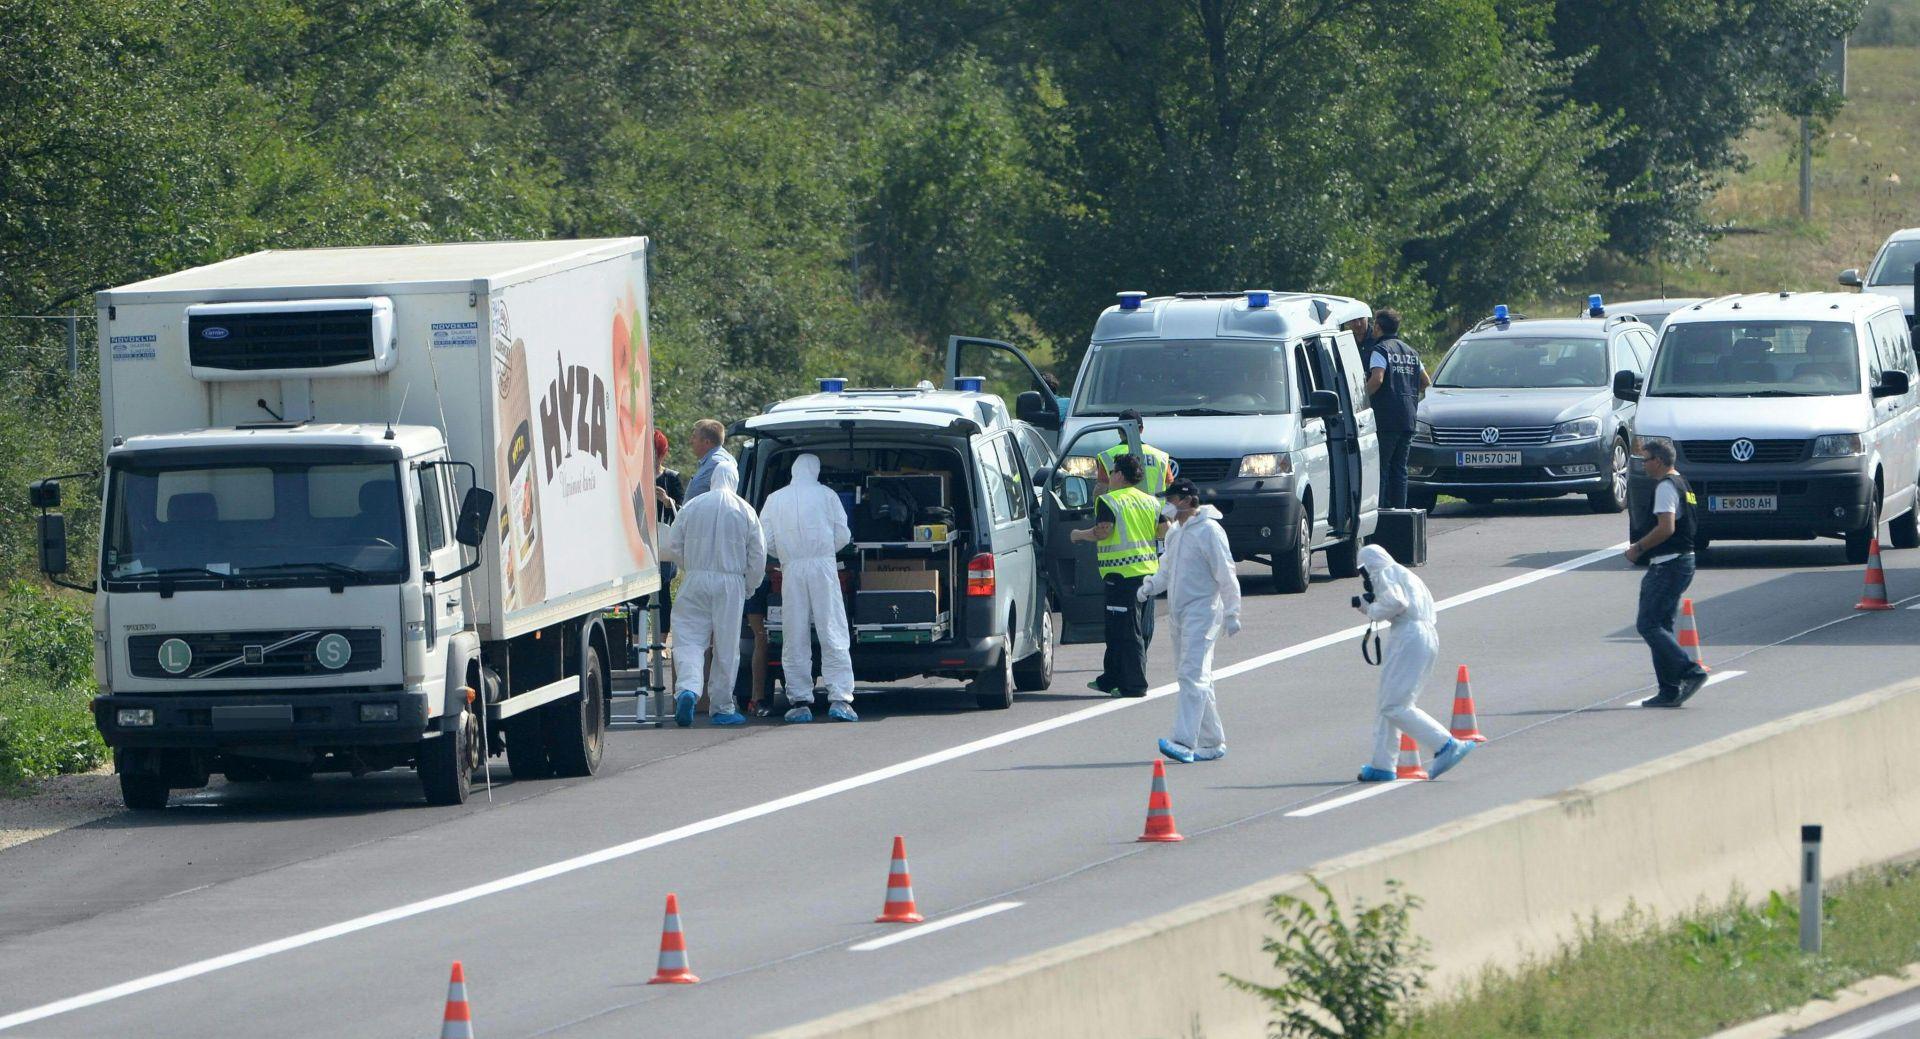 STRAVA U AUSTRIJI: U kamionu u Austriji ugušilo se najmanje 71 izbjeglica